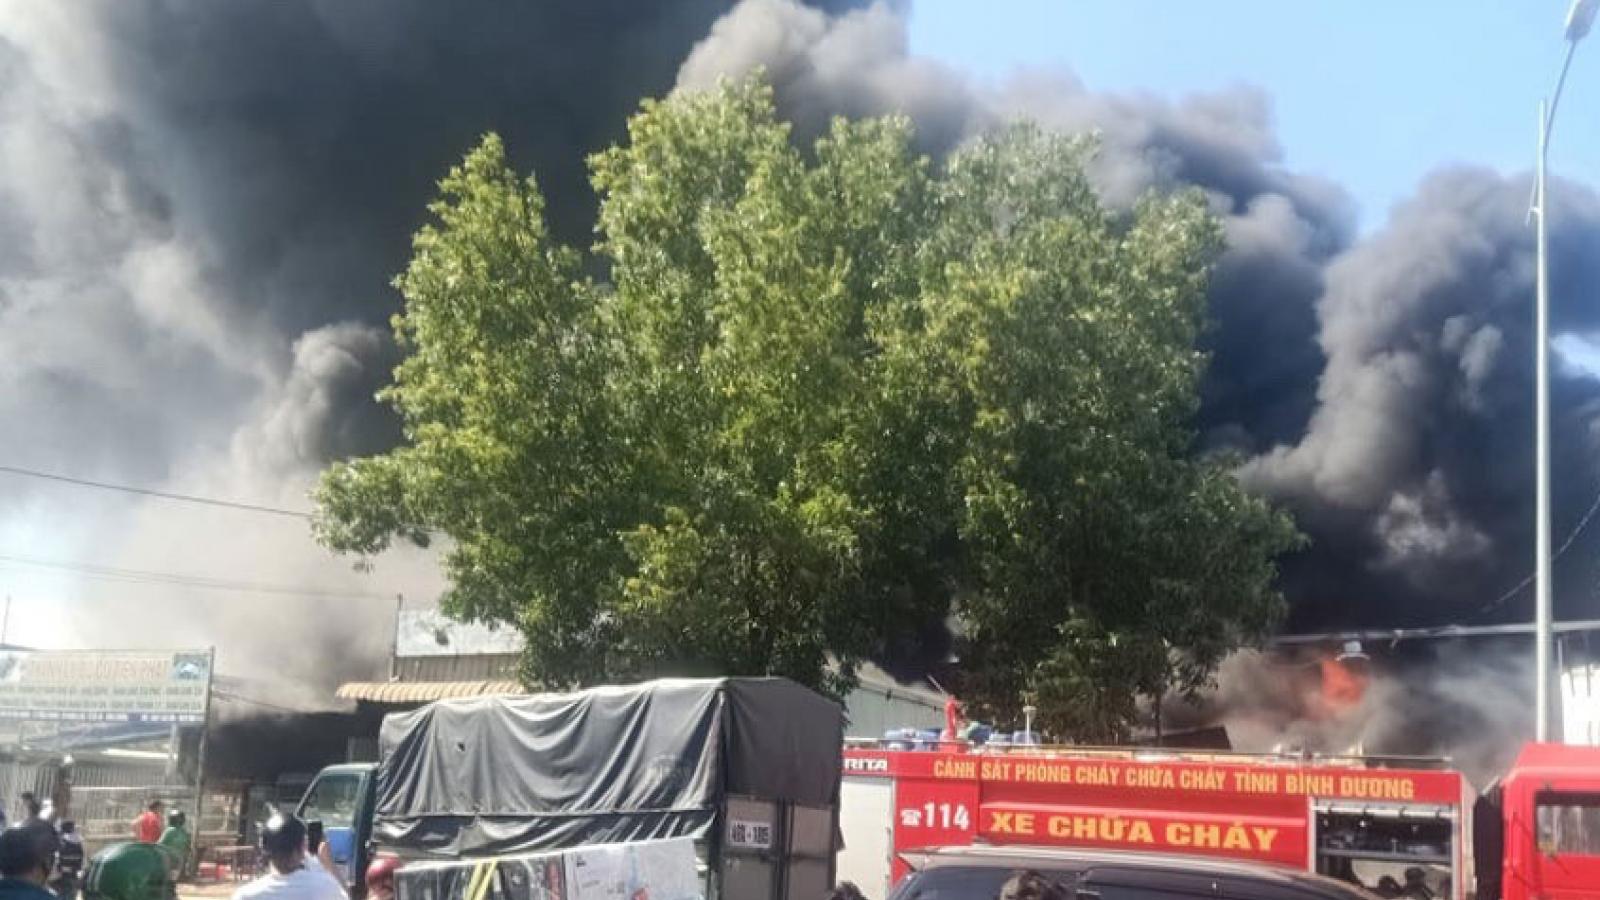 Kho phế liệu trong khu dân cư bốc cháy dữ dội